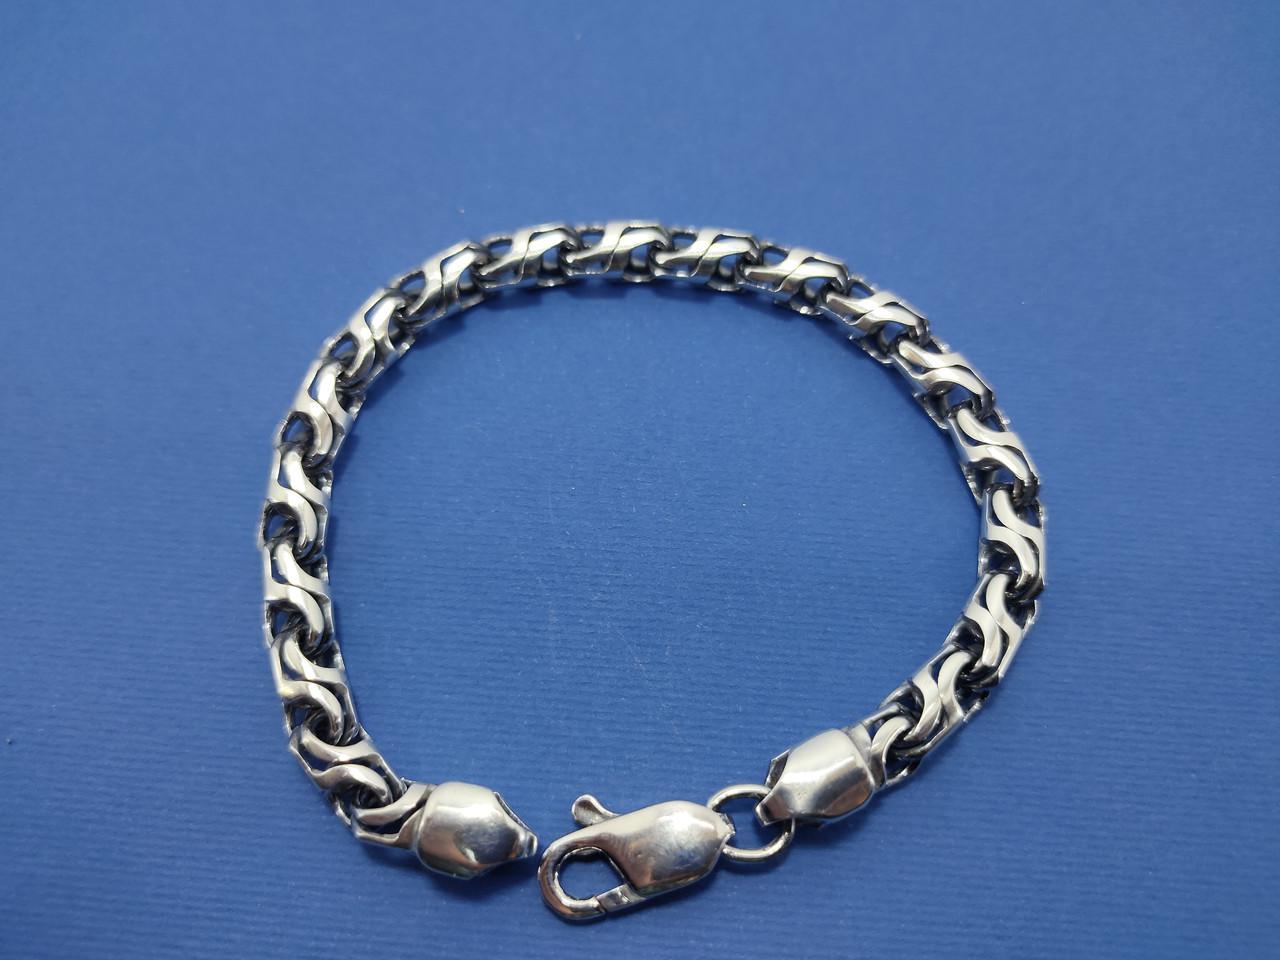 Срібний браслет, 19 см., 25 гр.